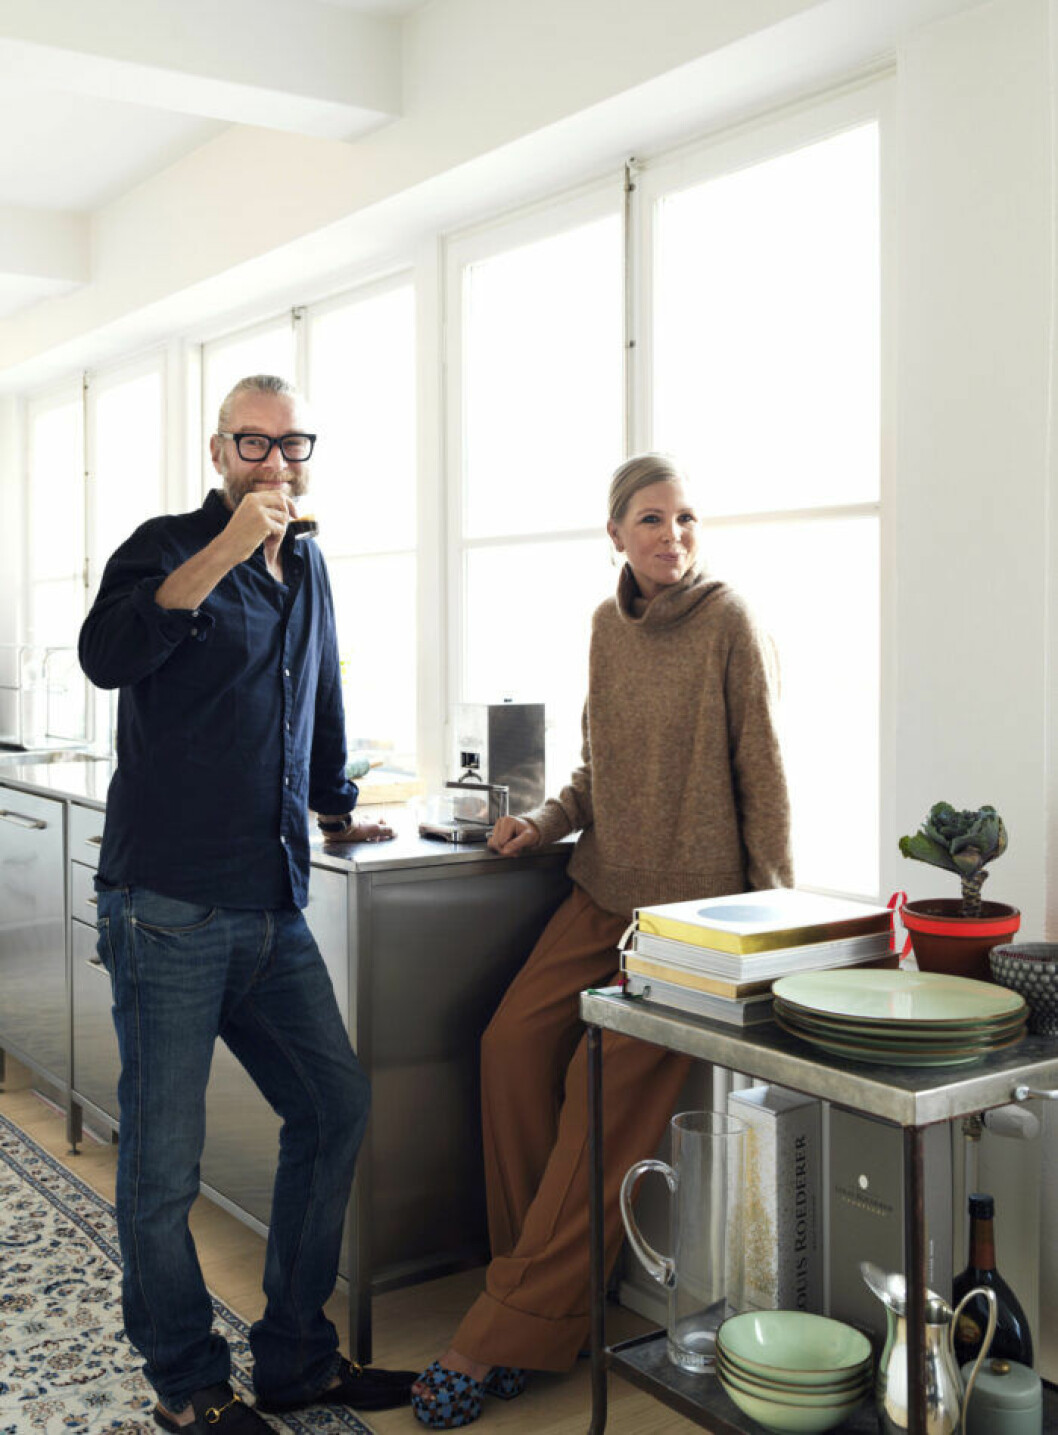 Hemmets ägare, paret Fohgelberg Nordén i köket